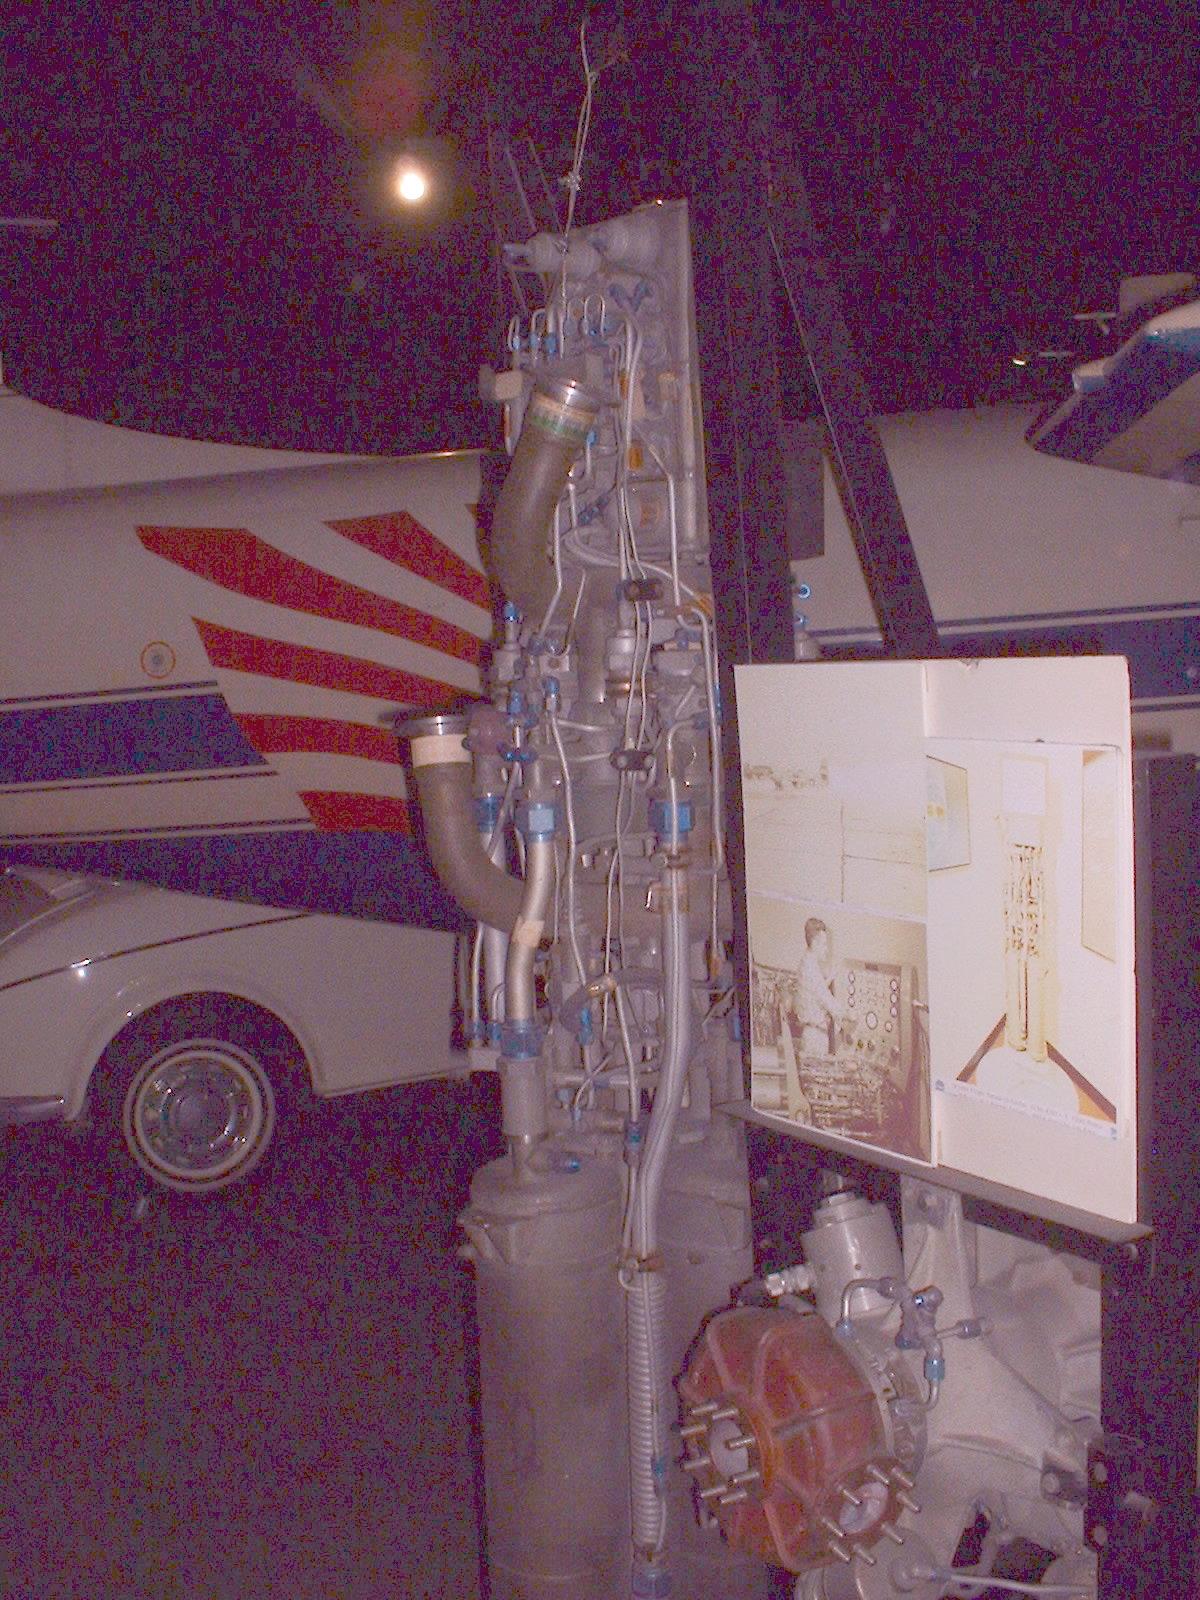 2013年12月08日 大阪 港区「交通科学館」所蔵 「X1ロケットエンジン」撮影Doburoku-TAO.JPG